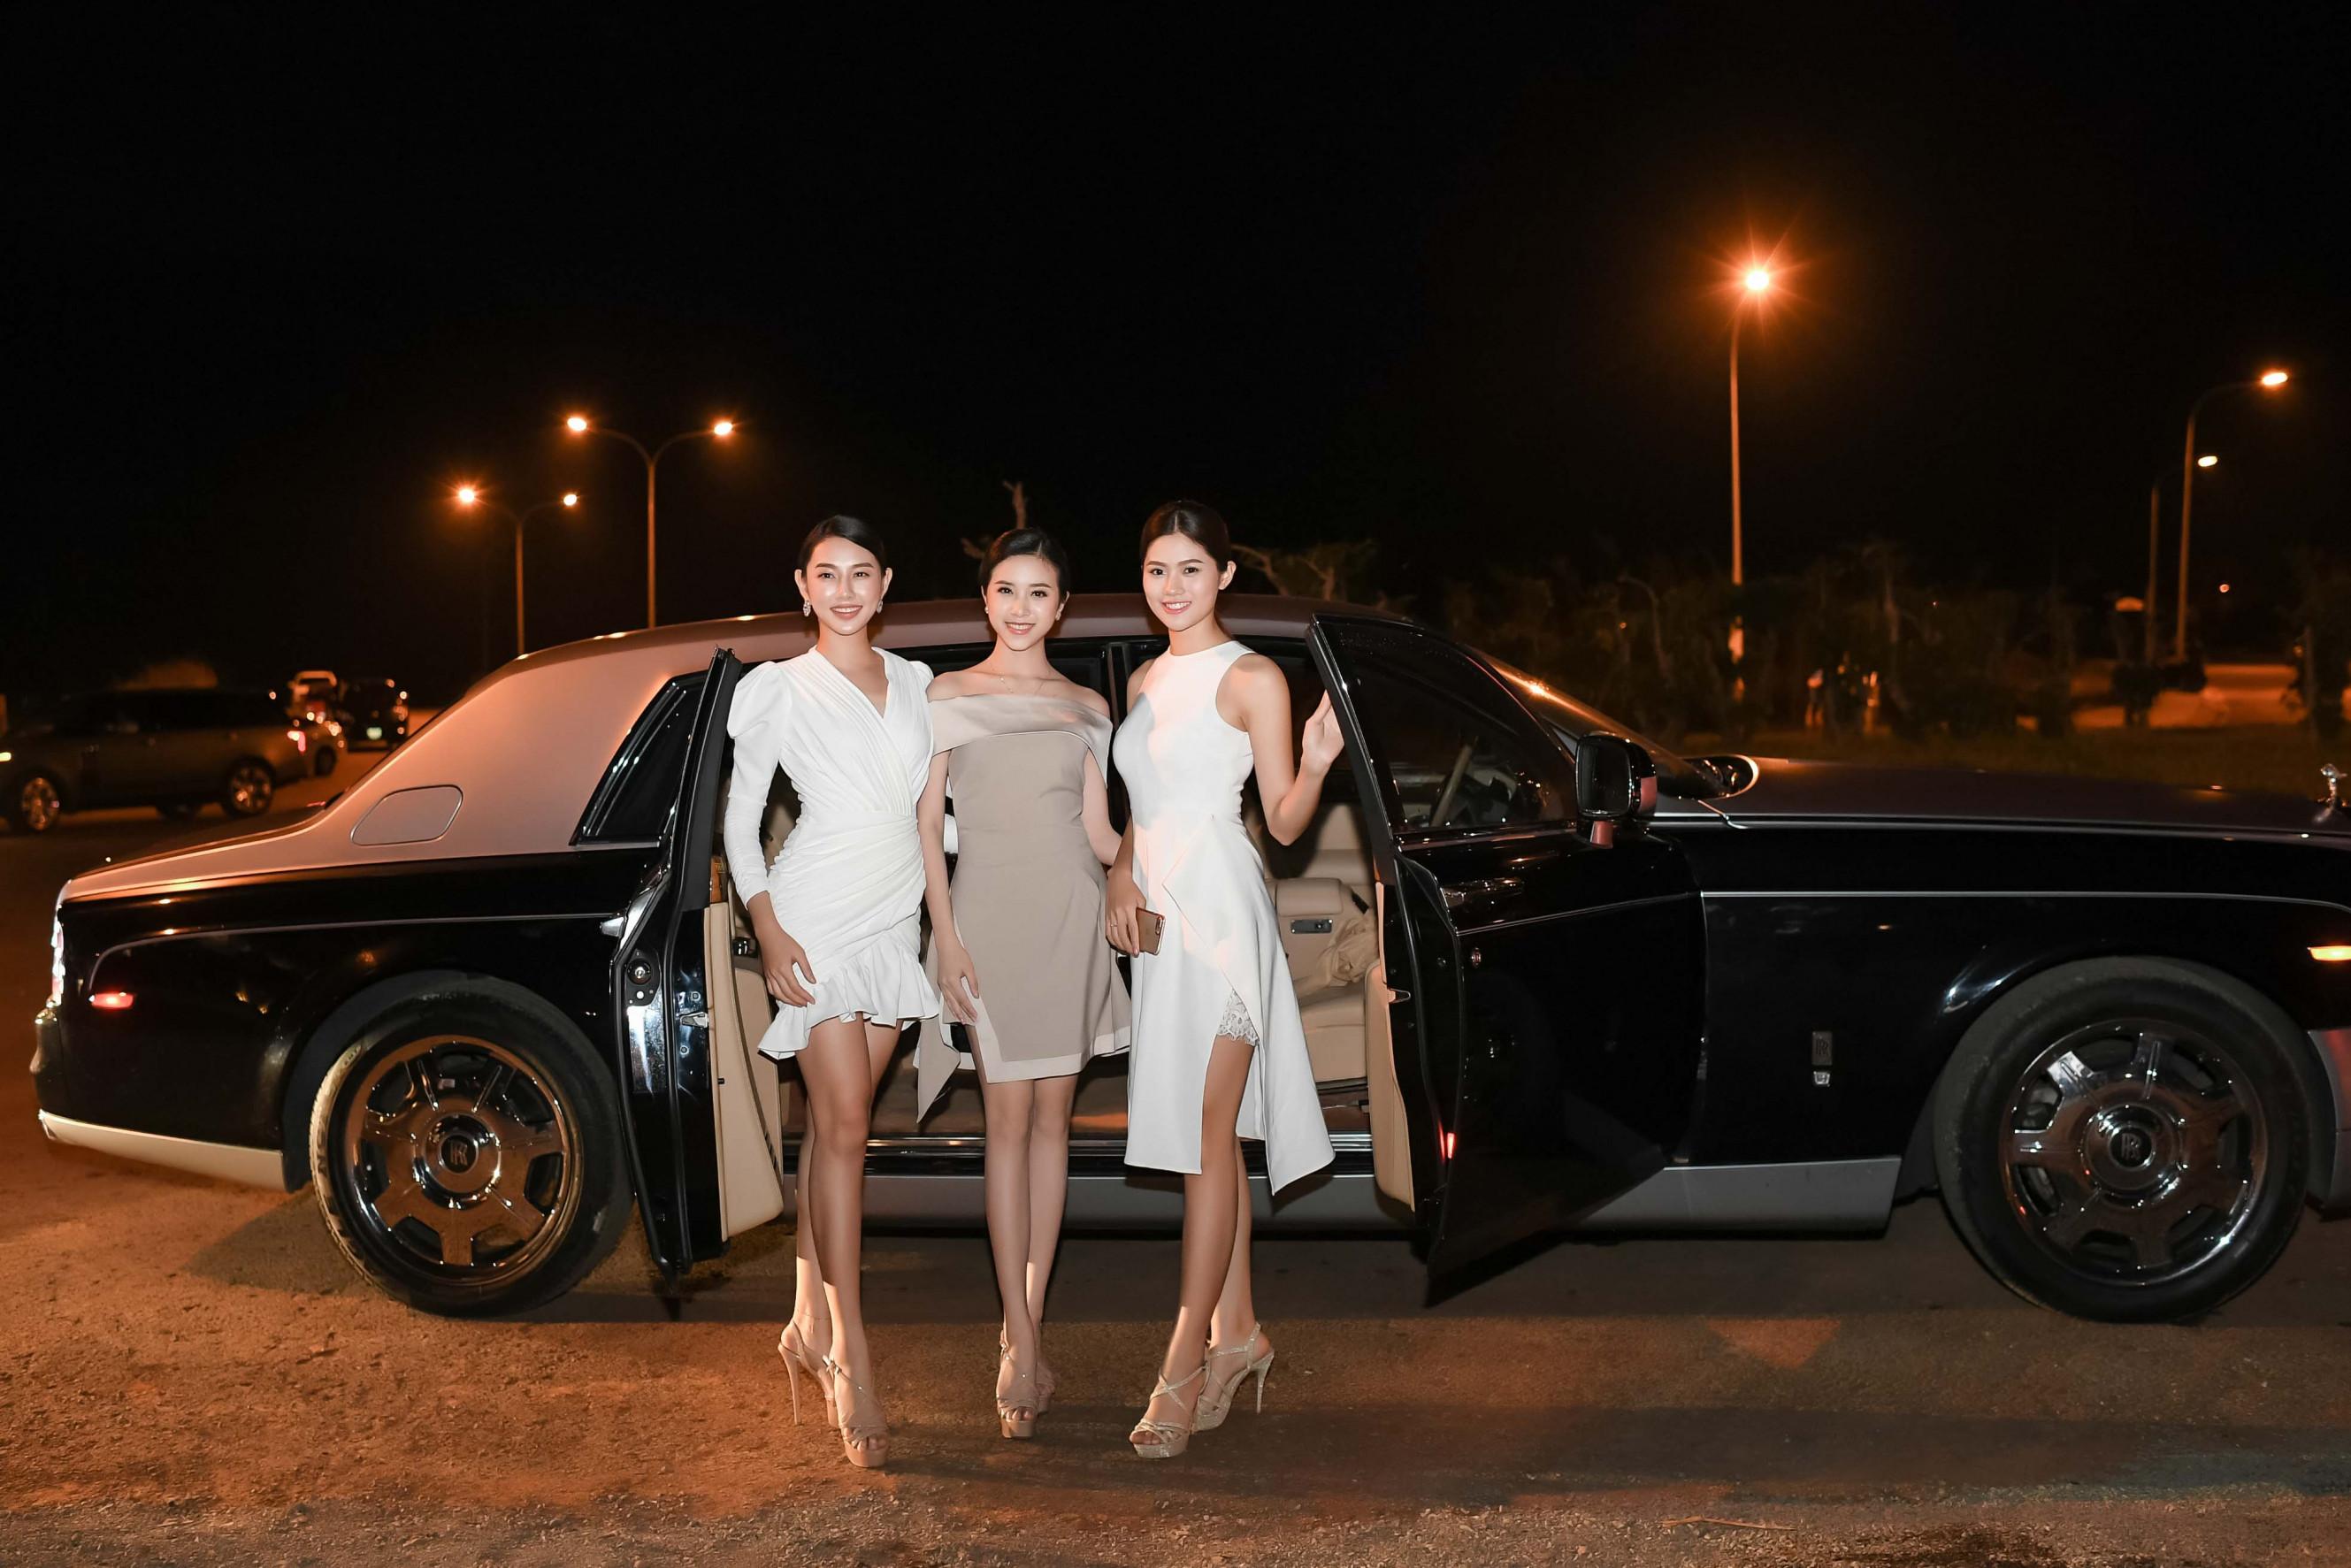 Miss Photo 2017 Vũ Hương Giang (bìa phải) rạng rõ xuất hiện tại chương trình